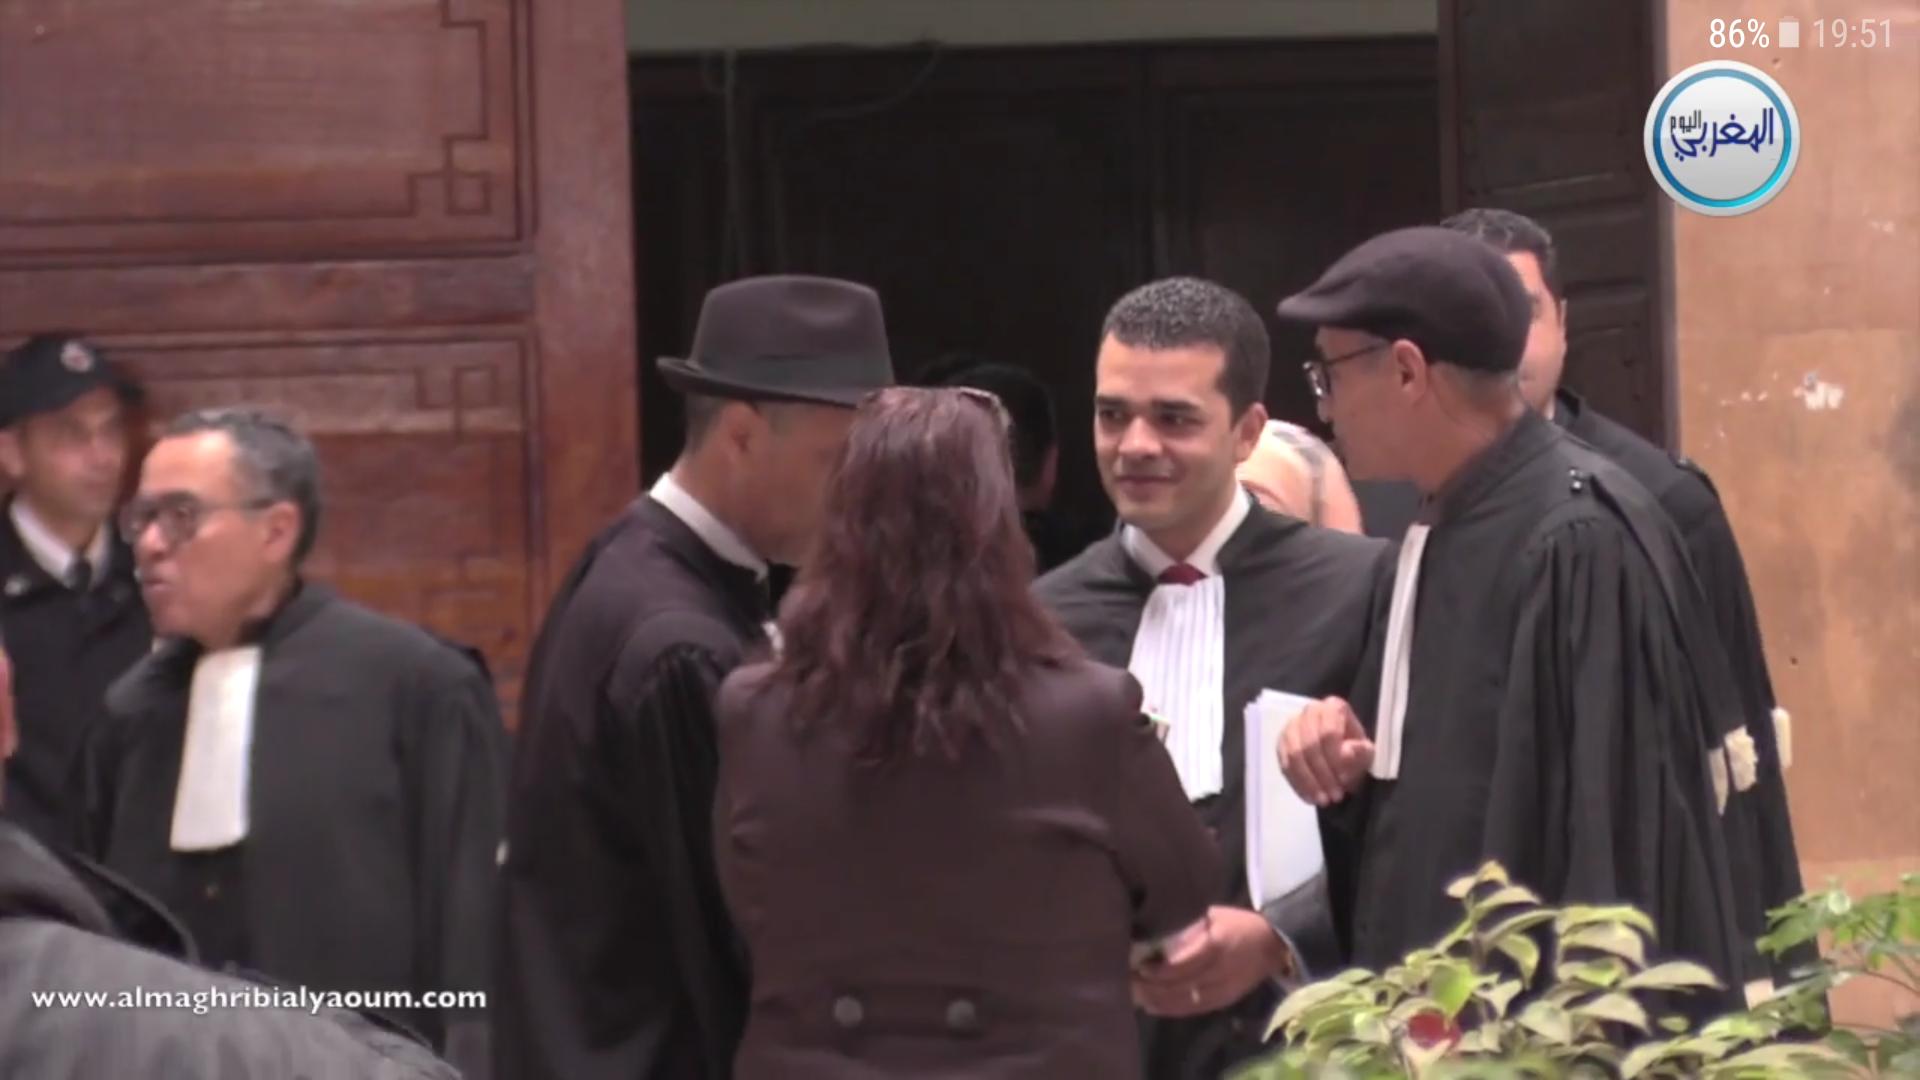 بالفيديو… أقوى لحظات محاكمة توفيق بوعشرين أمام محكمة الجنايات